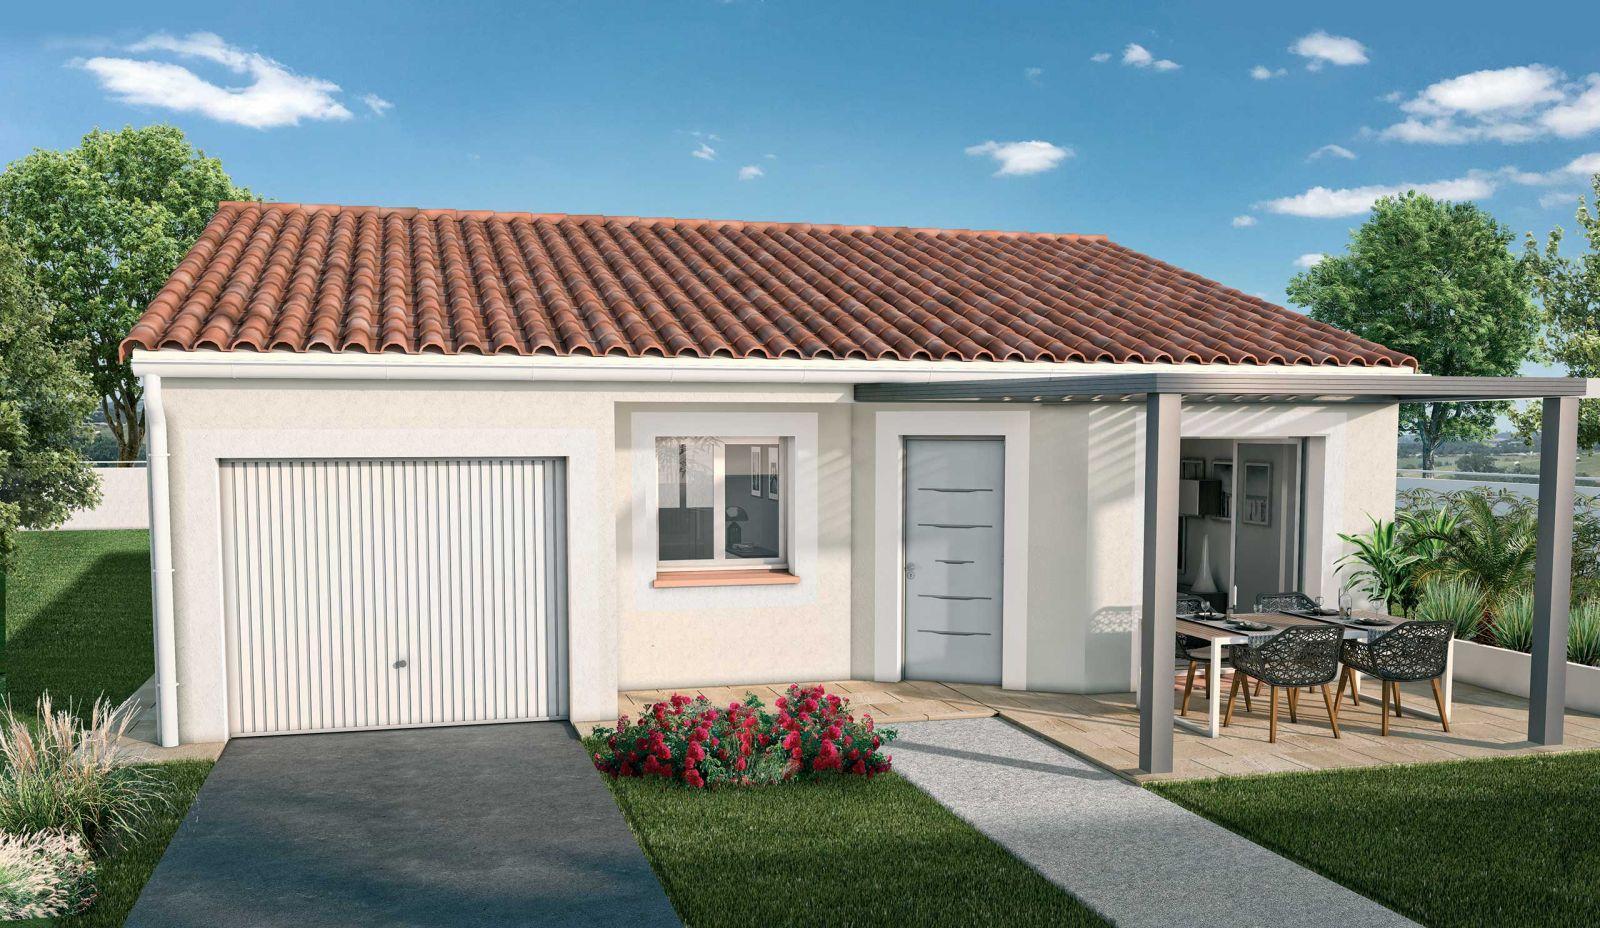 Maison 95 m² global + terrain de 430 m² viabilisé à Léognan 33850